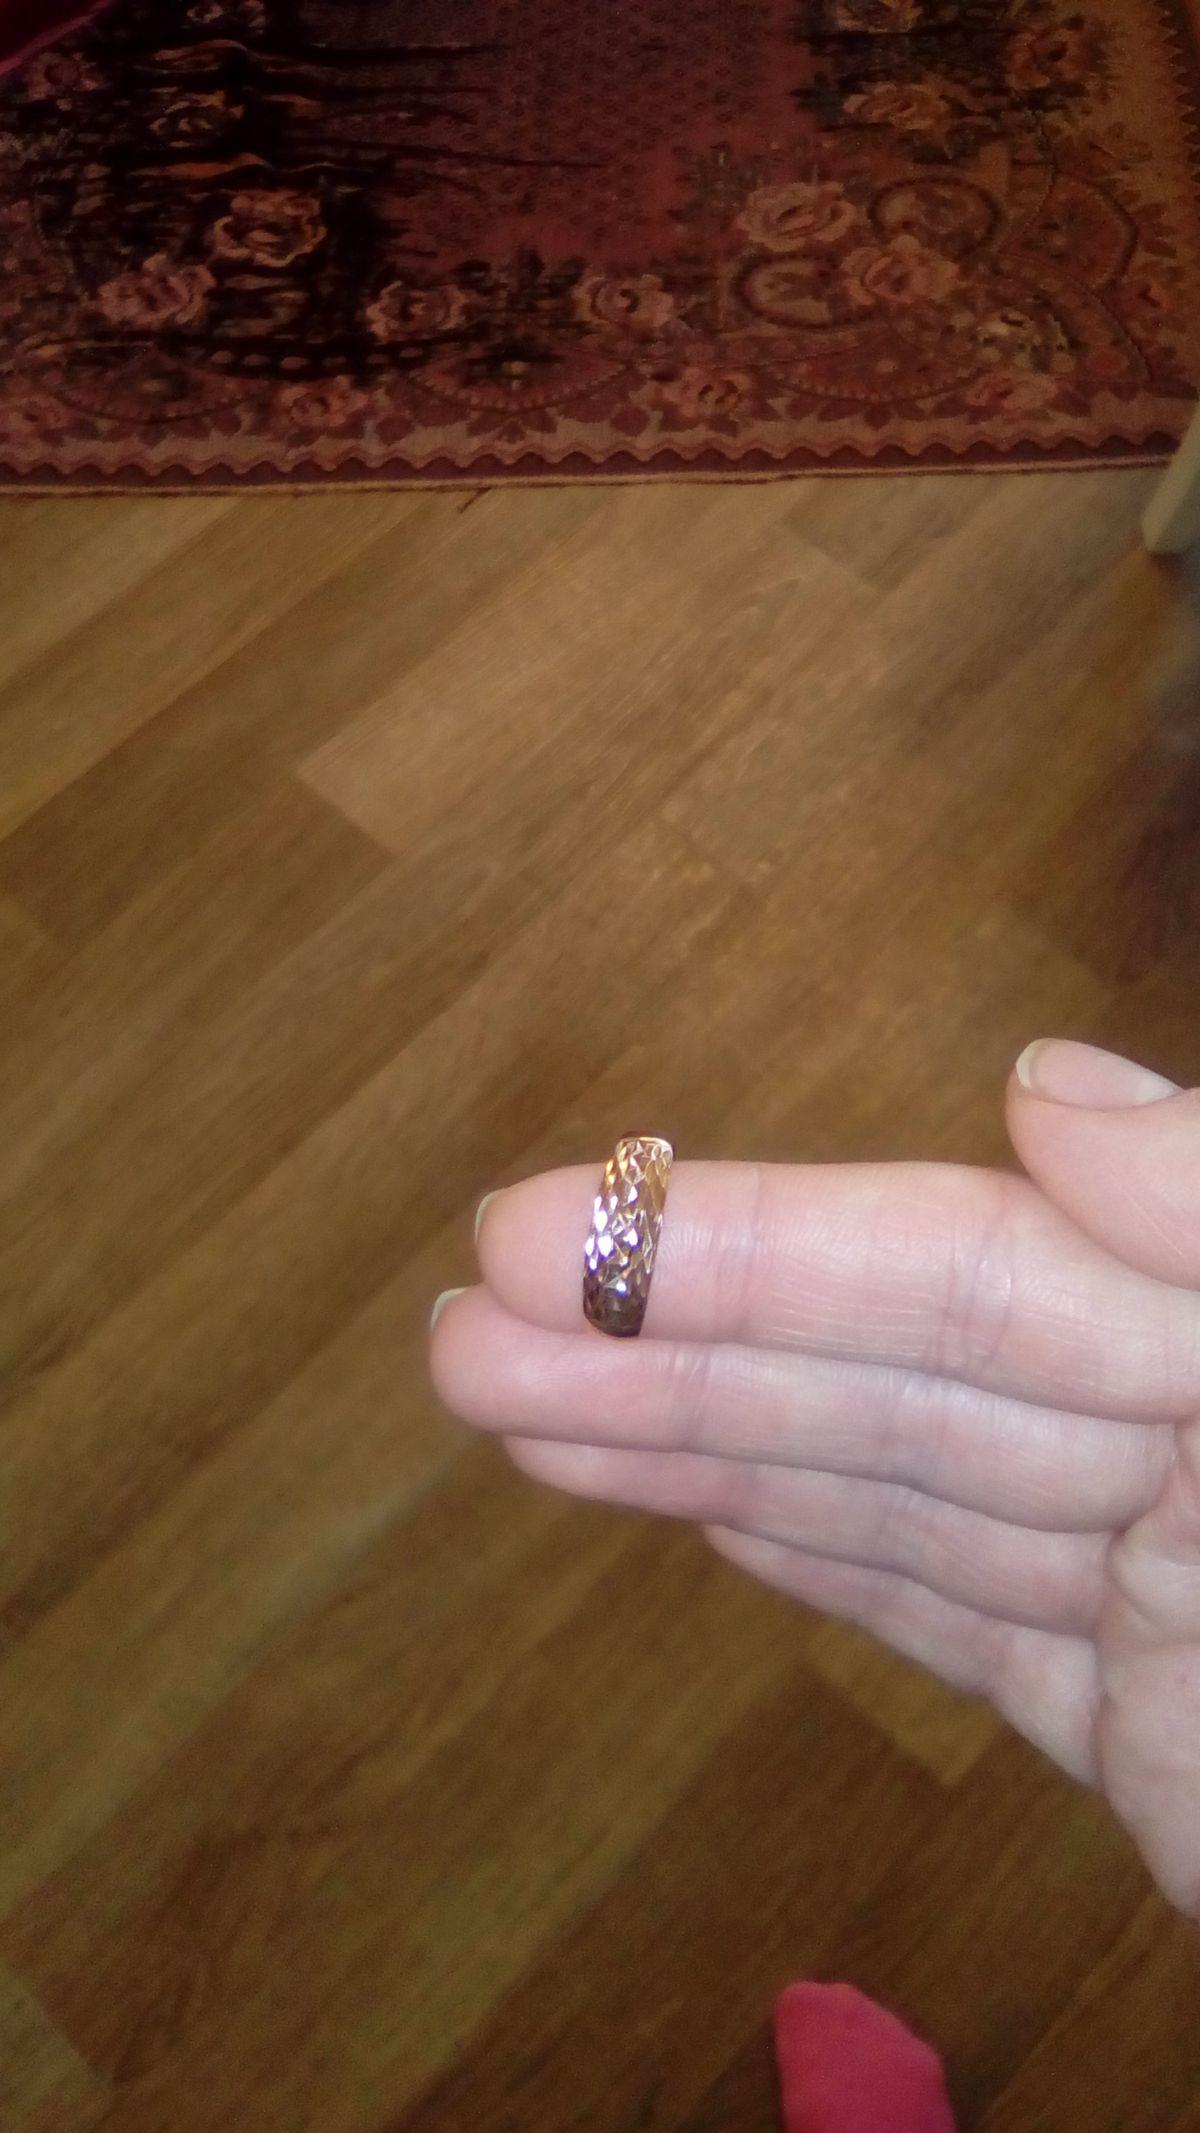 Колечко на пальчик!